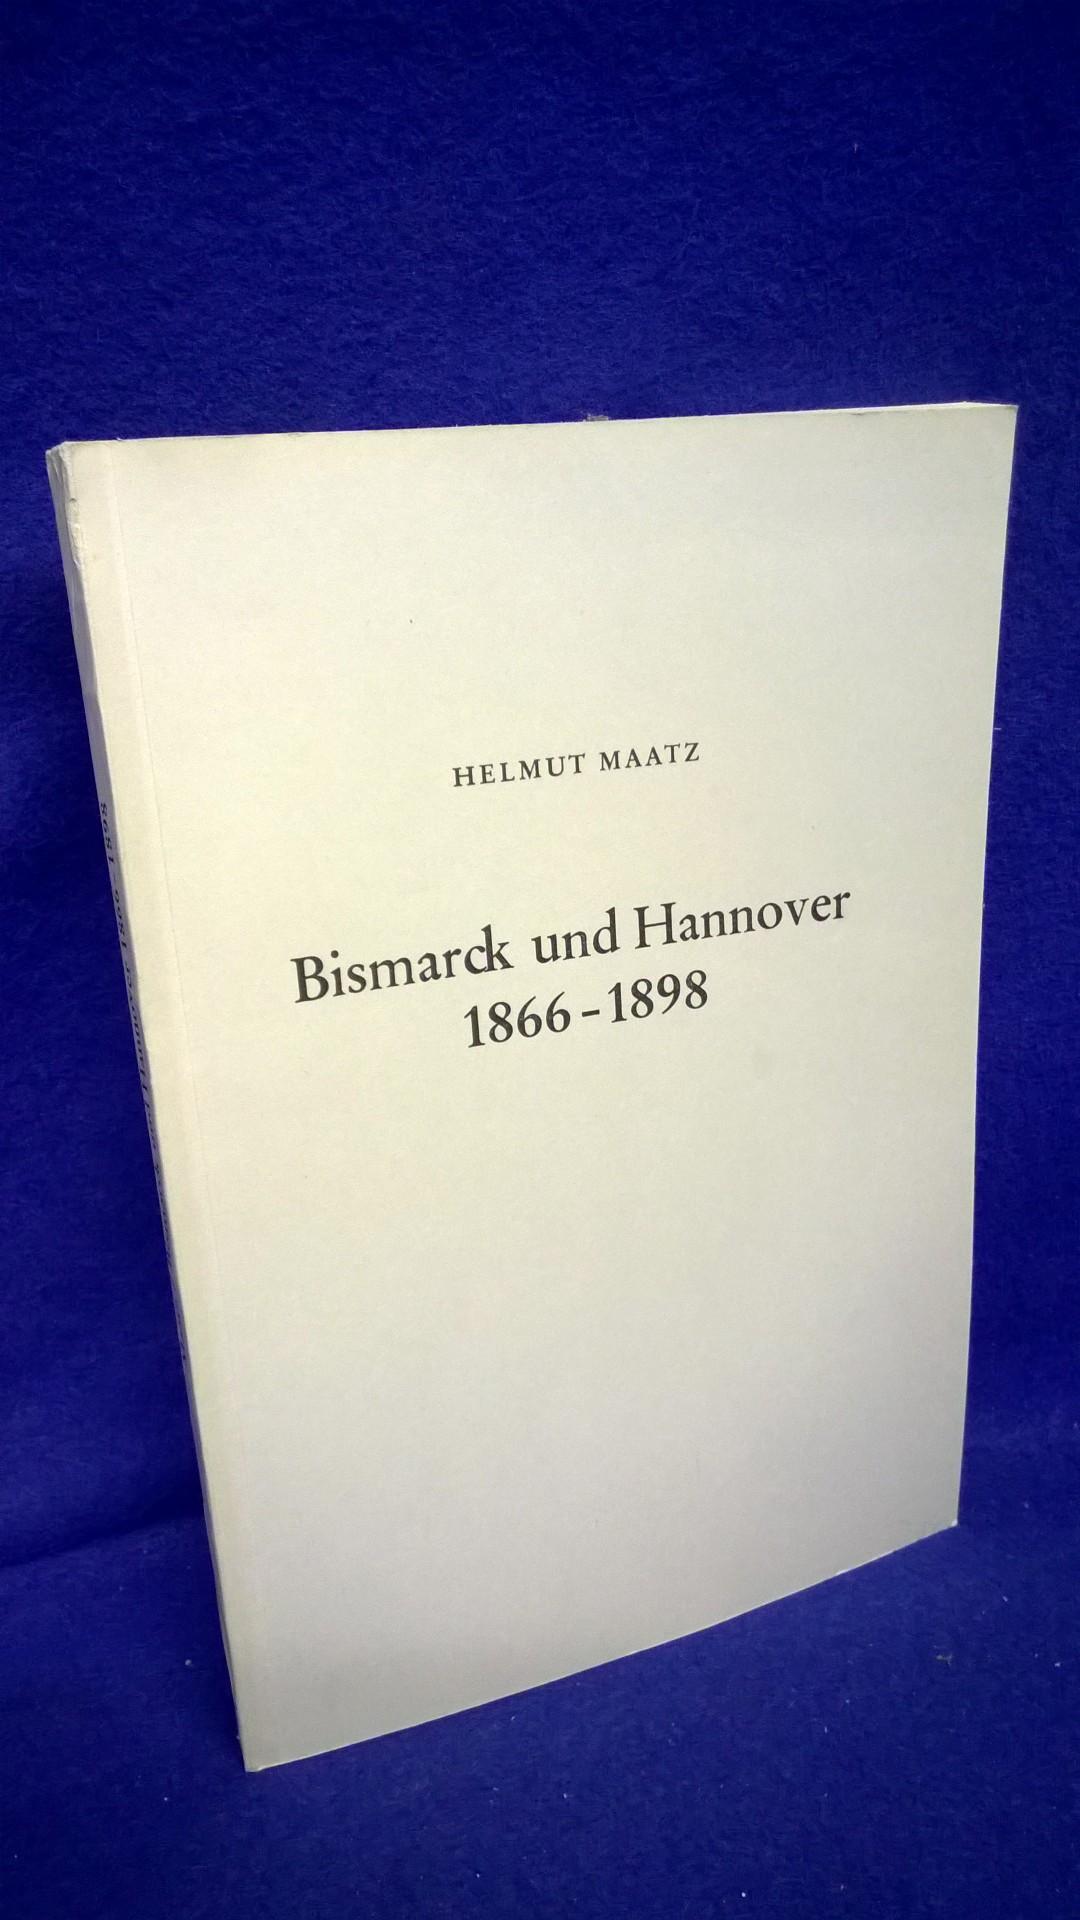 Bismarck und Hannover 1866-1898.